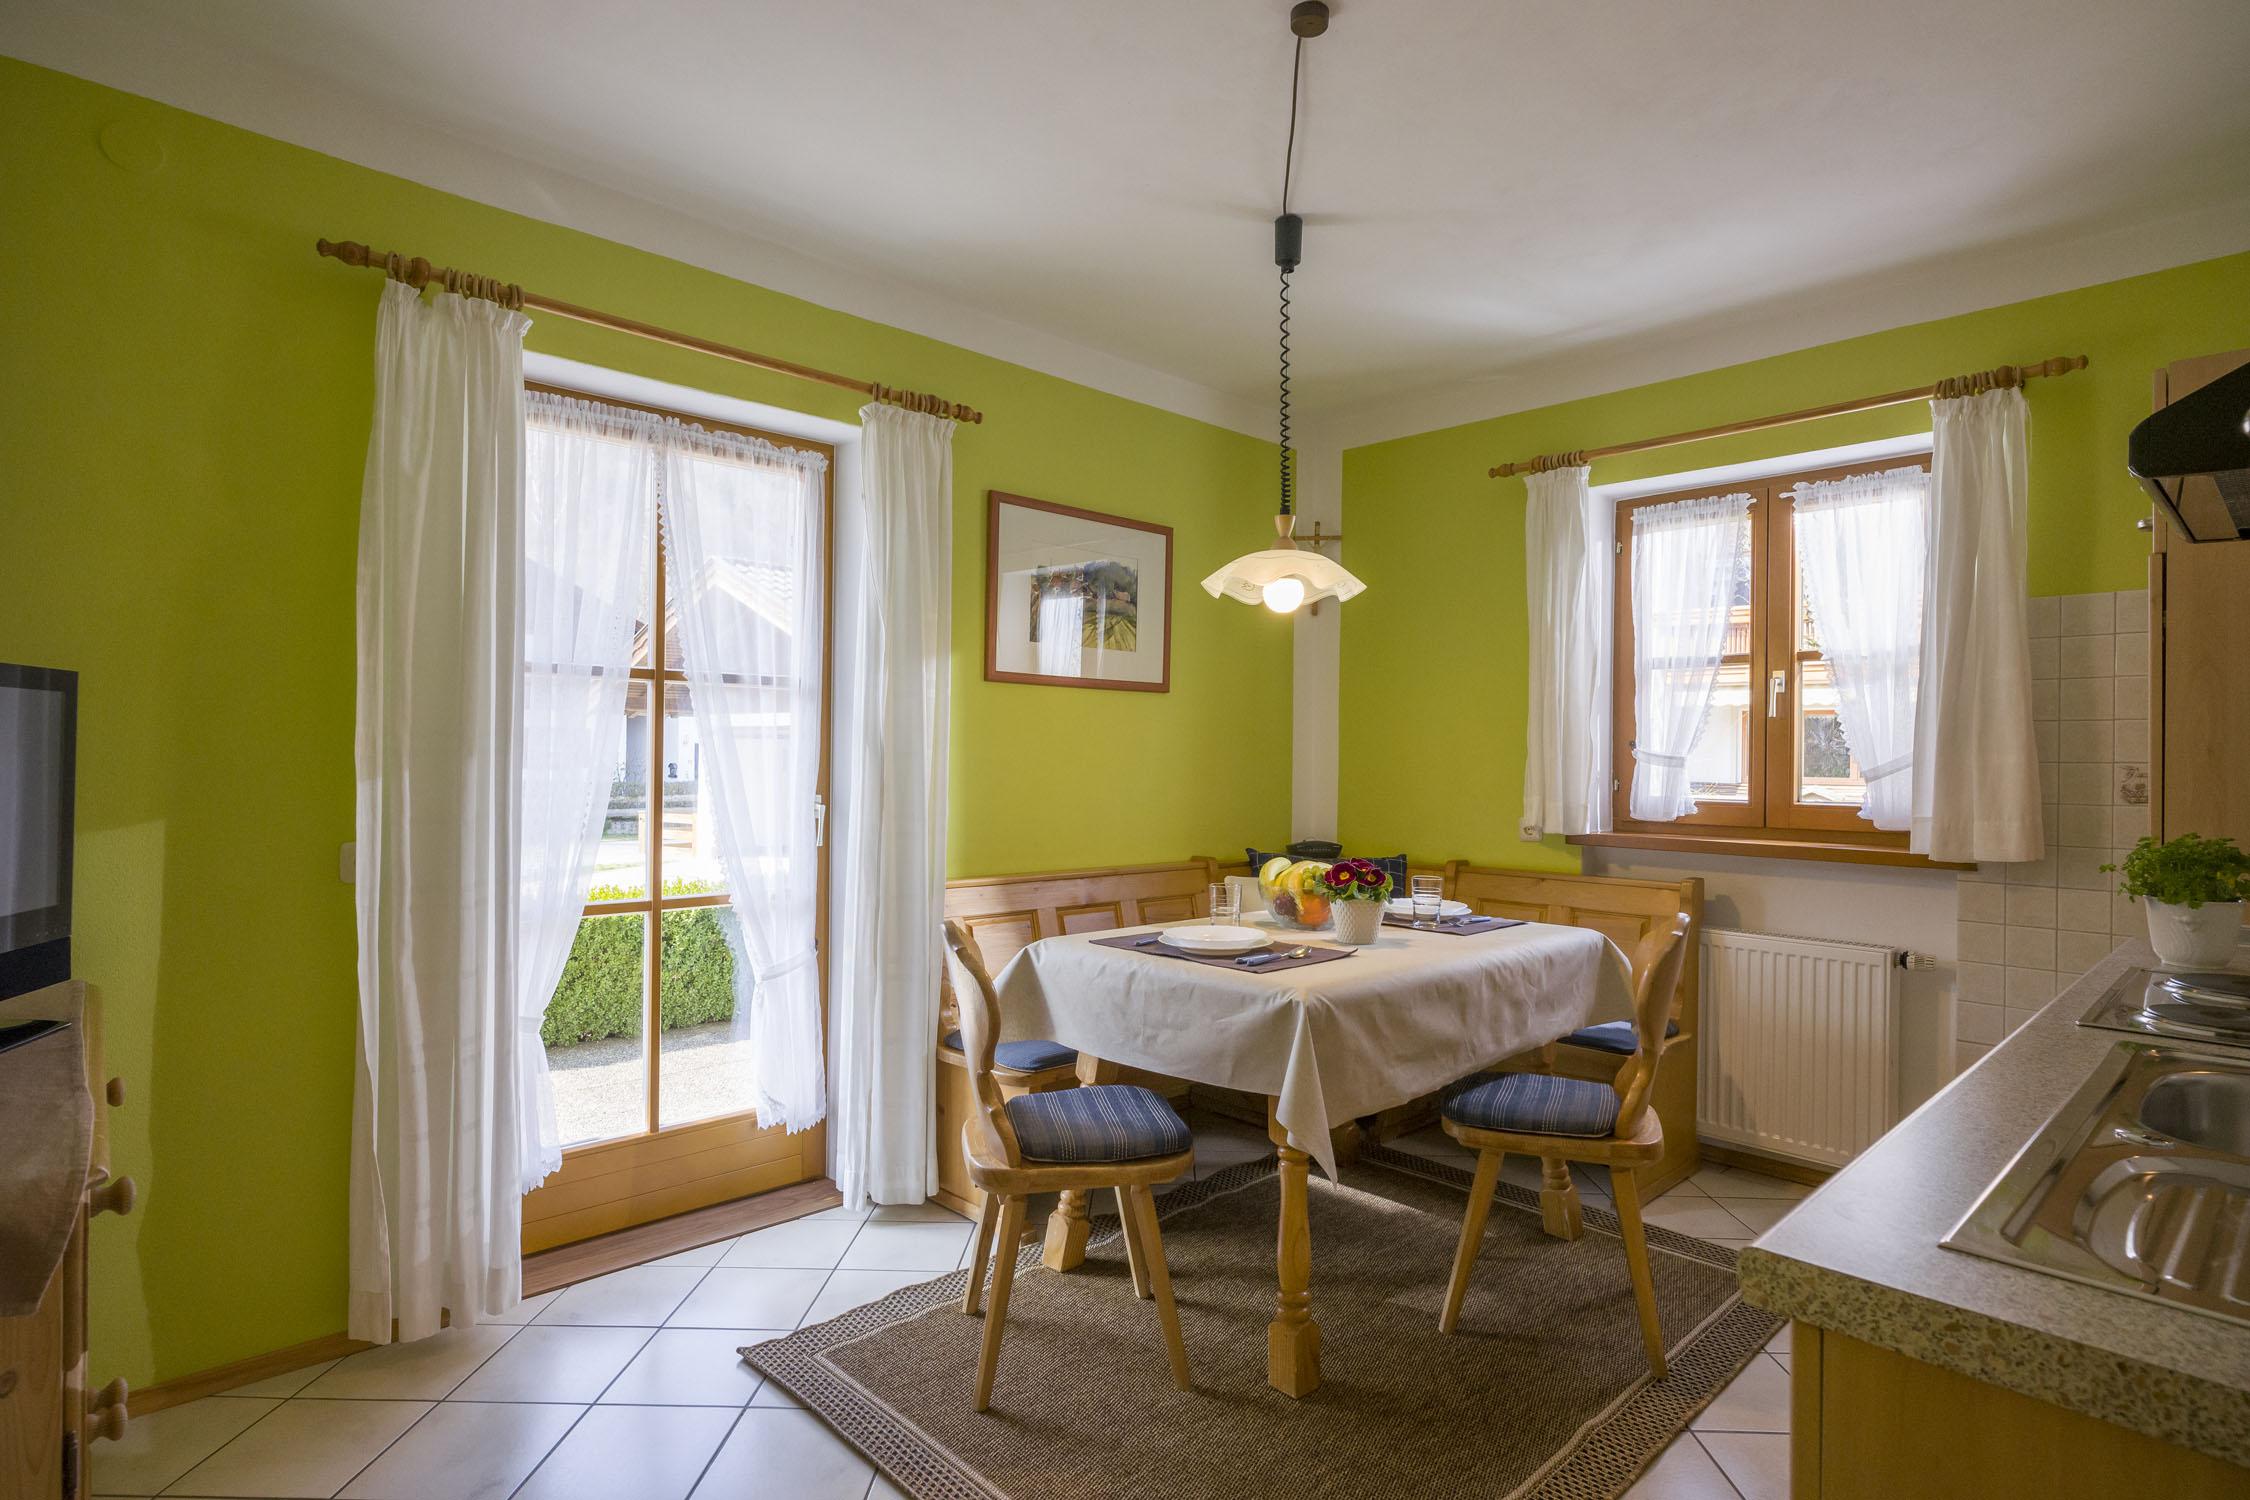 Ferienwohnung Christophenhof (DE Oberaudorf). 3-Zimmer Ferienwohnung Terrasse 1 (710004), Oberaudorf, Chiemgau, Bayern, Deutschland, Bild 3